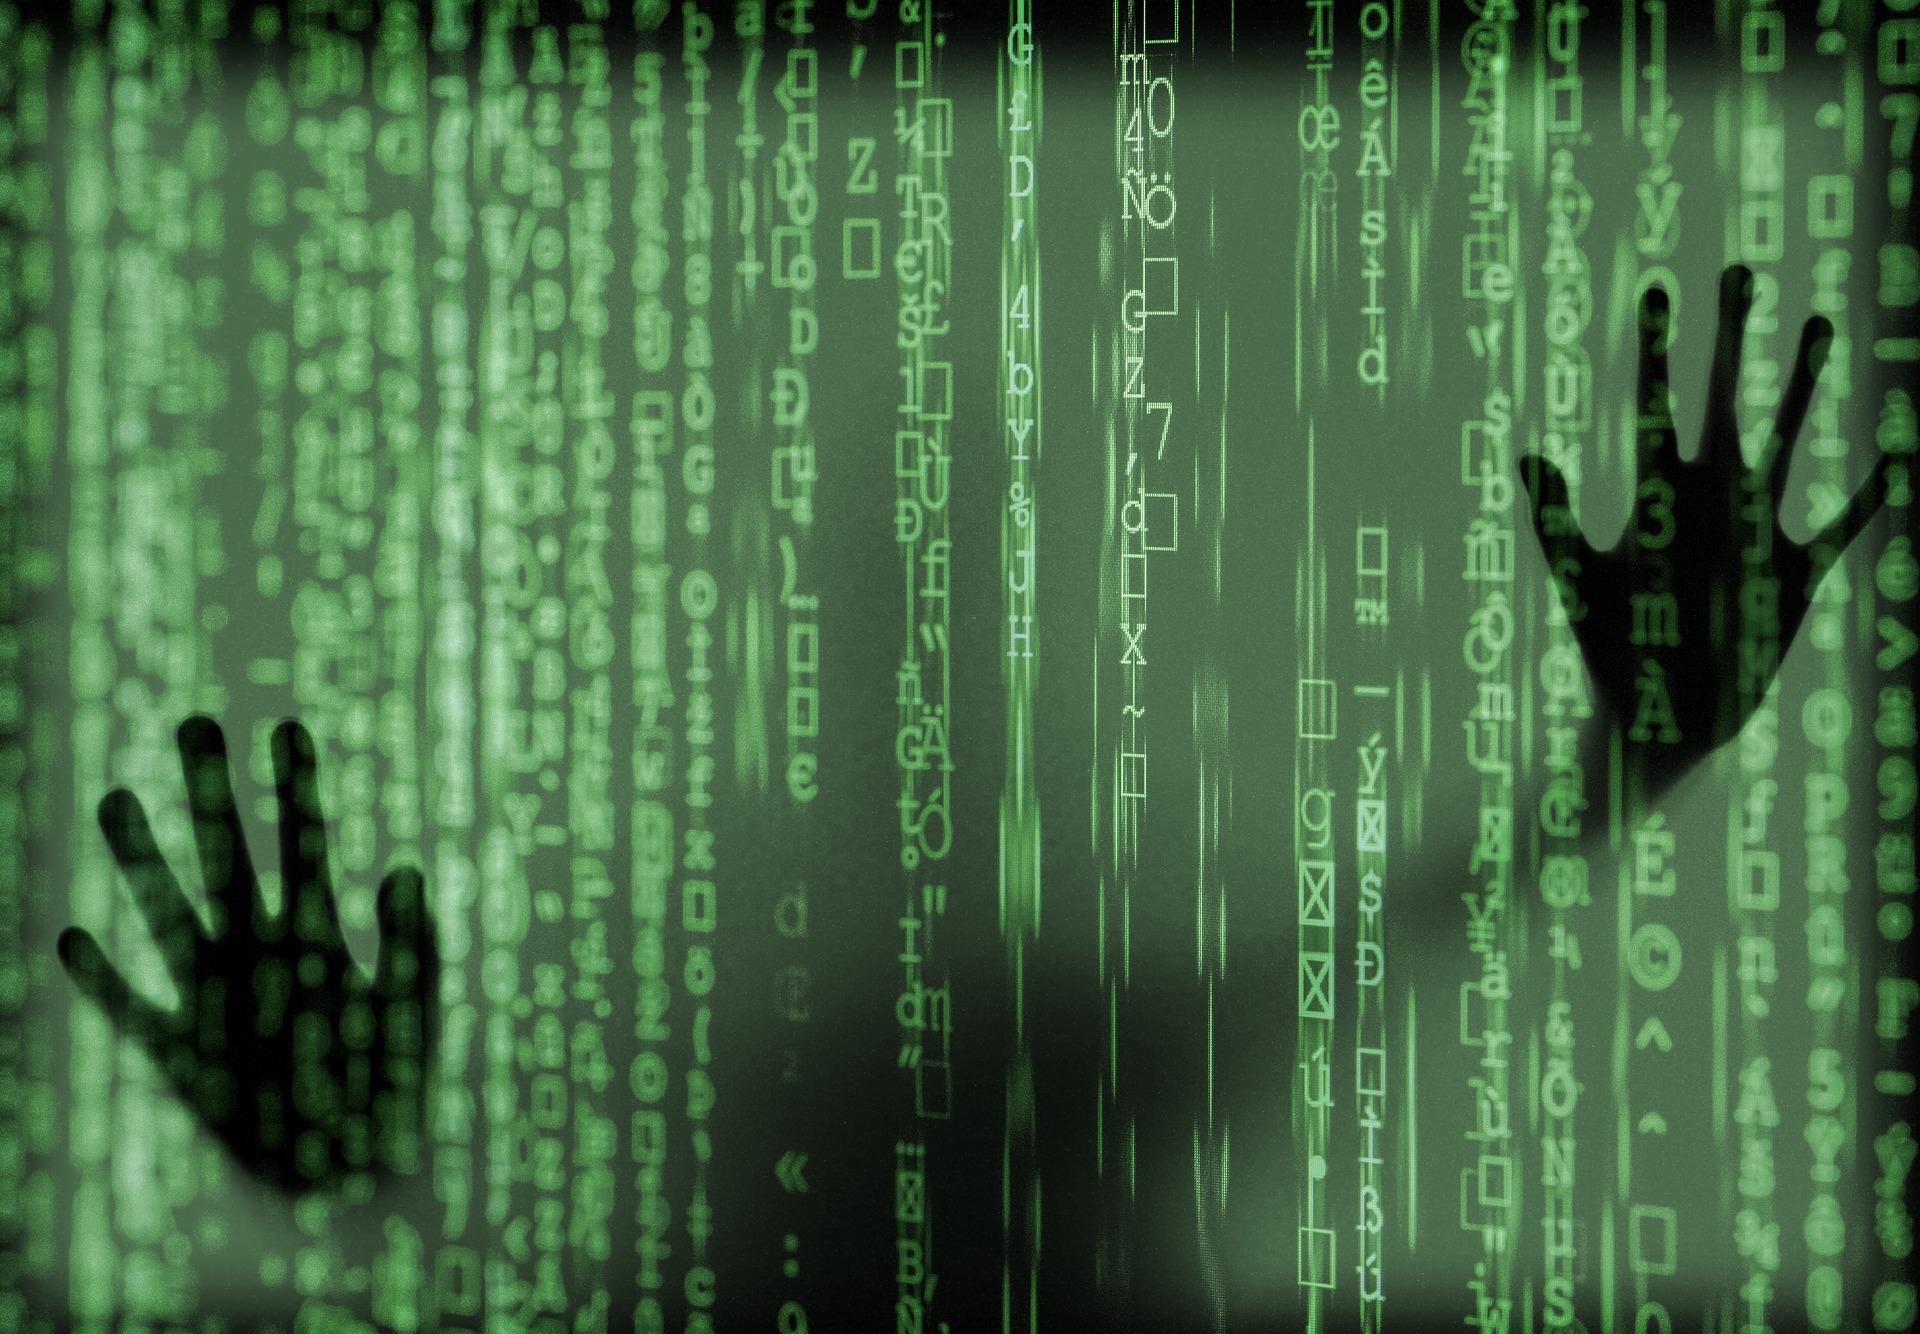 IoTデバイスのセキュリティ設計その1【脅威分析】のアイキャッチイメージ